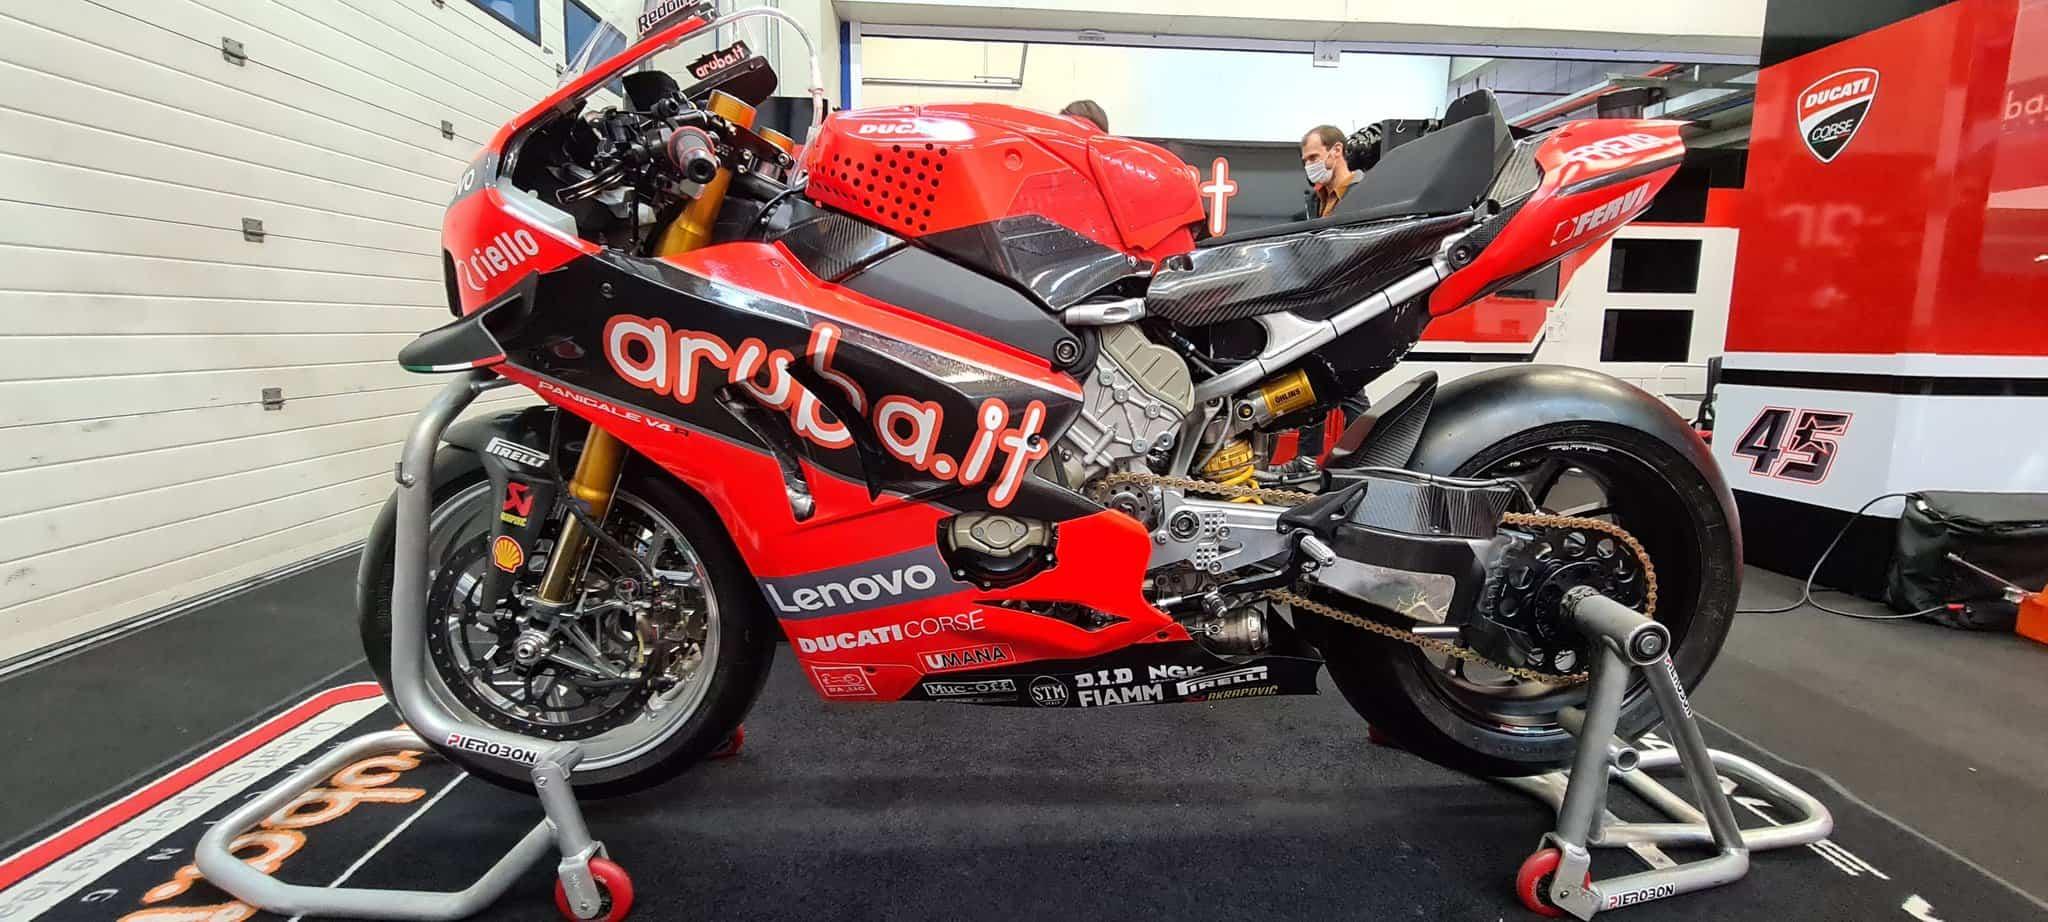 スーパーバイク世界選手権ヘレステスト 初日は雨のため走行出来ず